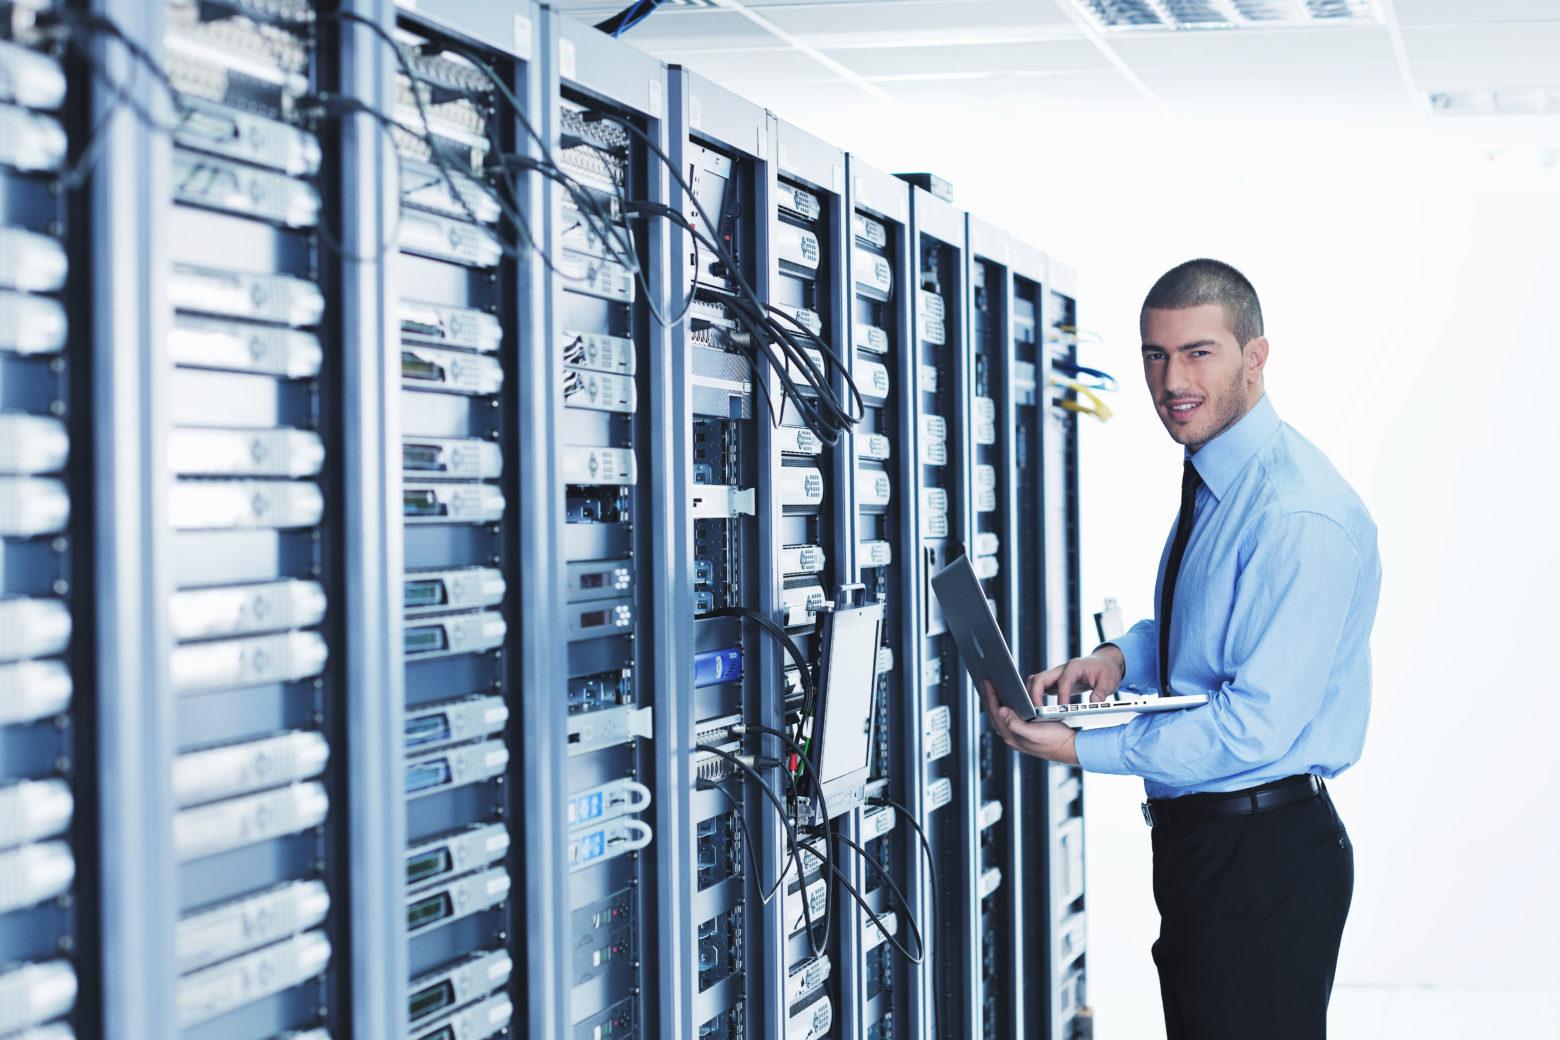 Administration & Support: IT-Sicherheit und Zuverlässigkeit im Fokus